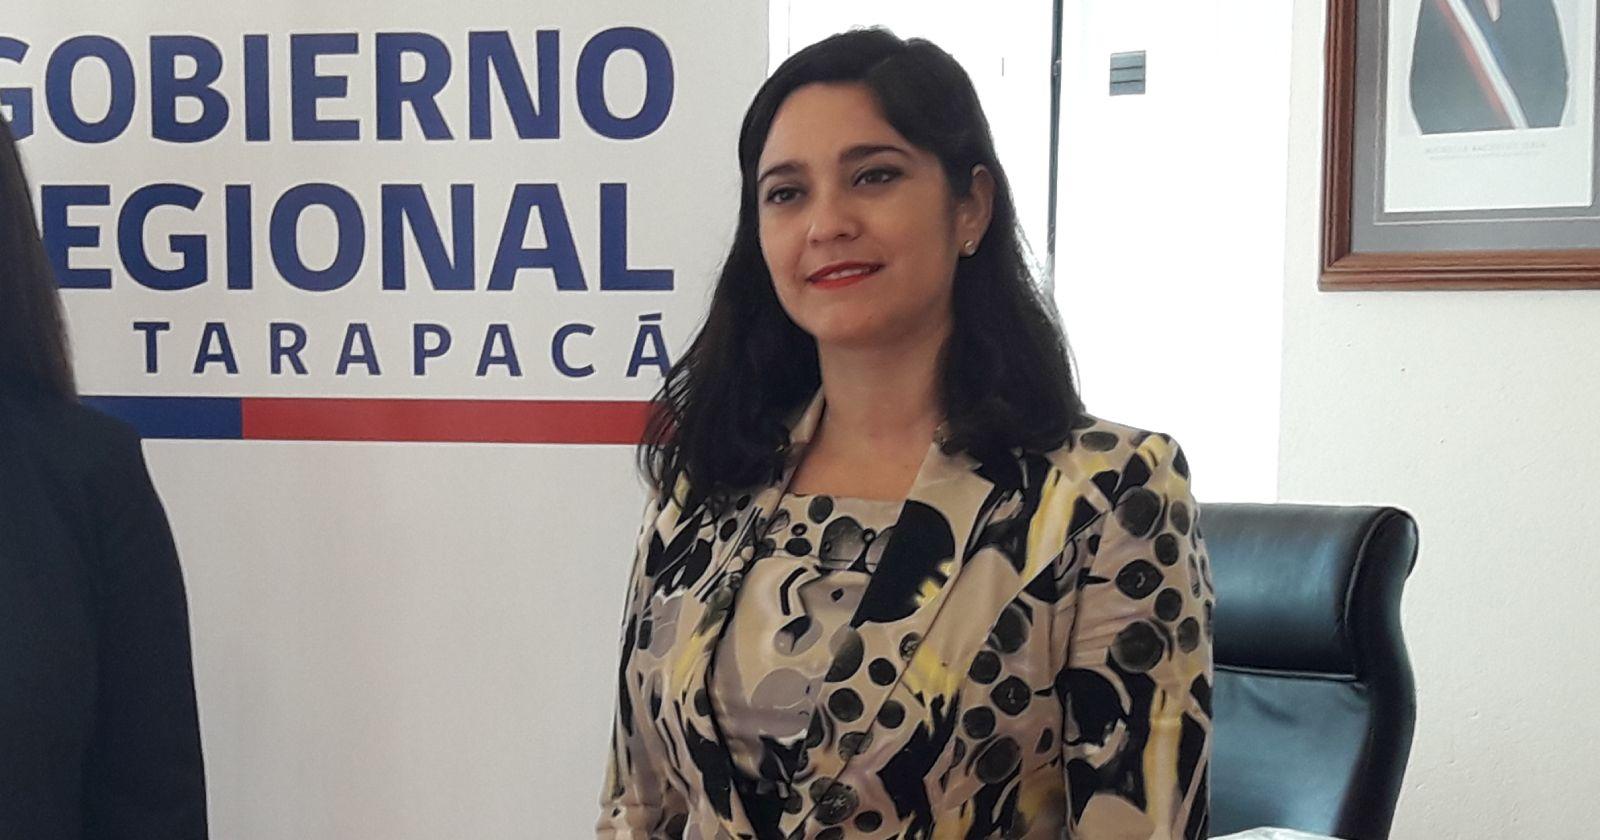 Millonaria indemnización y disculpas públicas para ex directora del SernamEG por acoso laboral